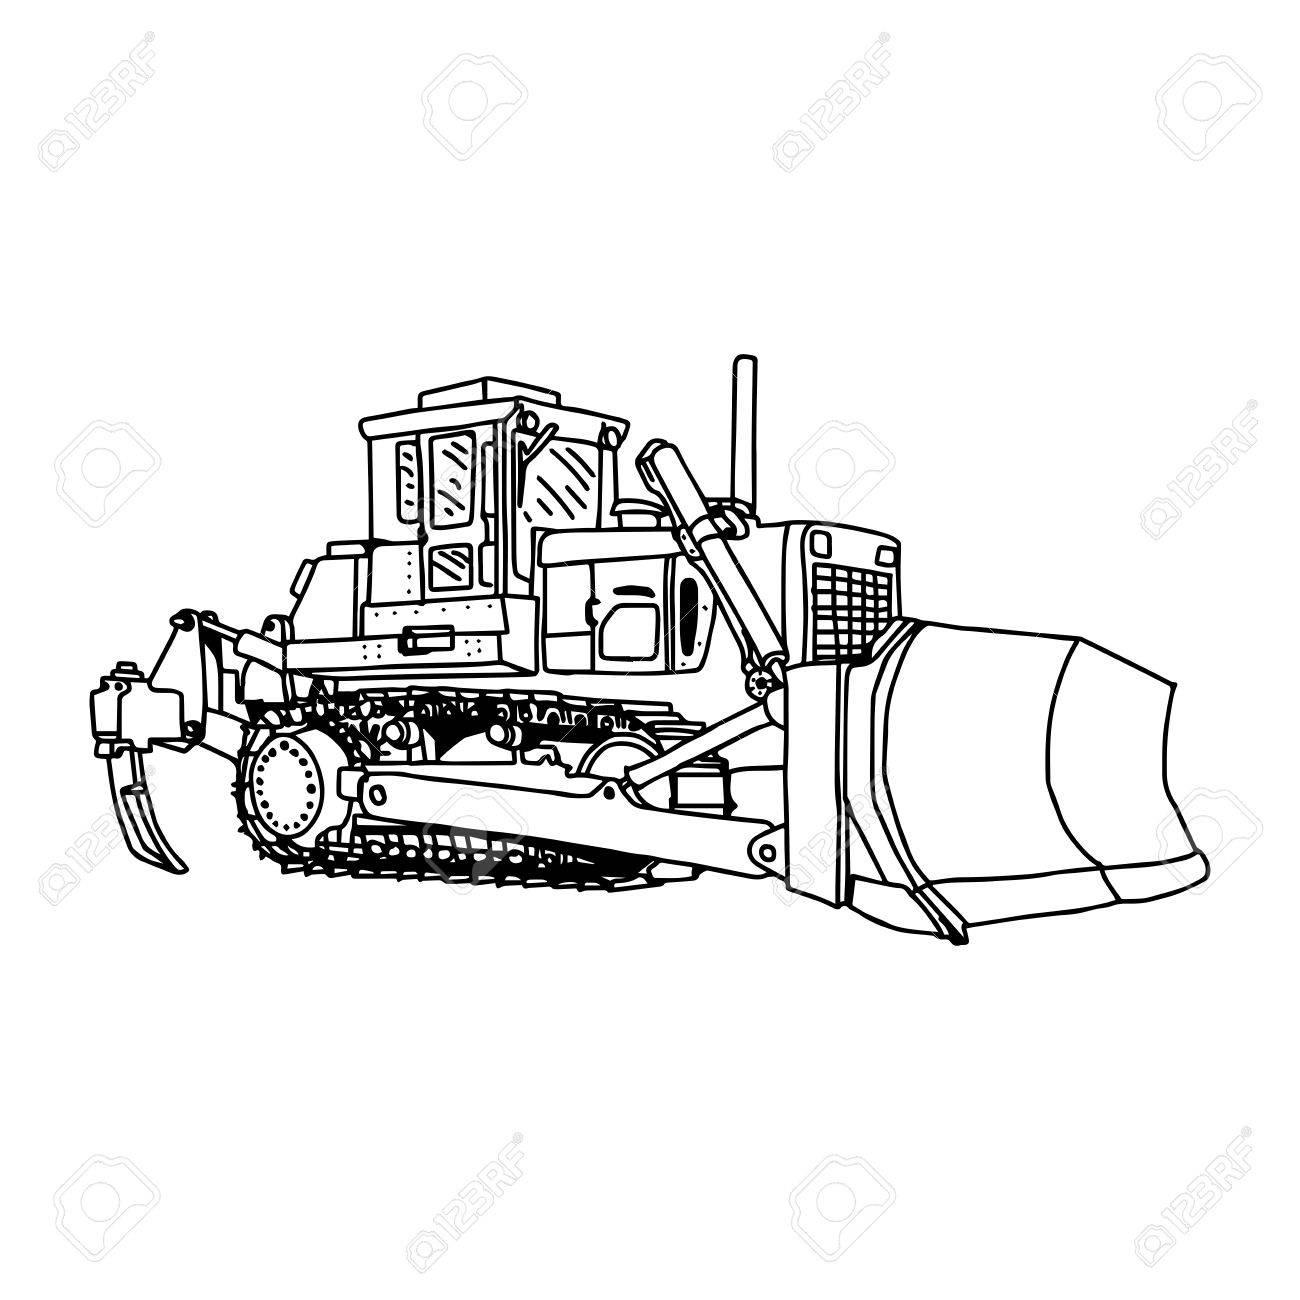 Dozer Drawing At Getdrawings